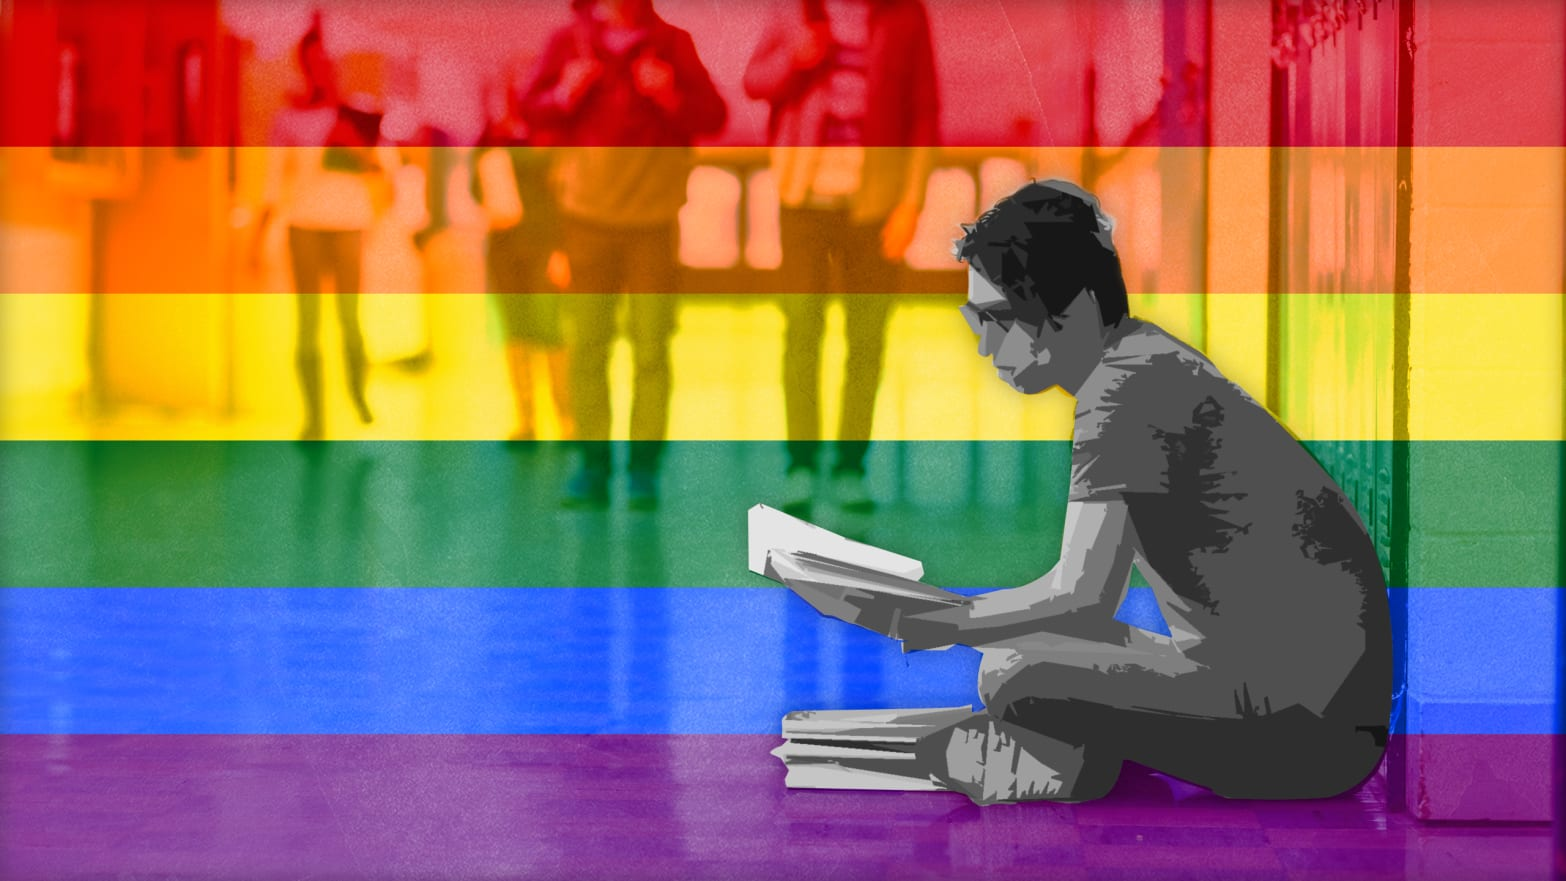 La investigación muestra que LGBTQIA+ de 13 a 21 años sufren homofobia o transfobia en la escuela